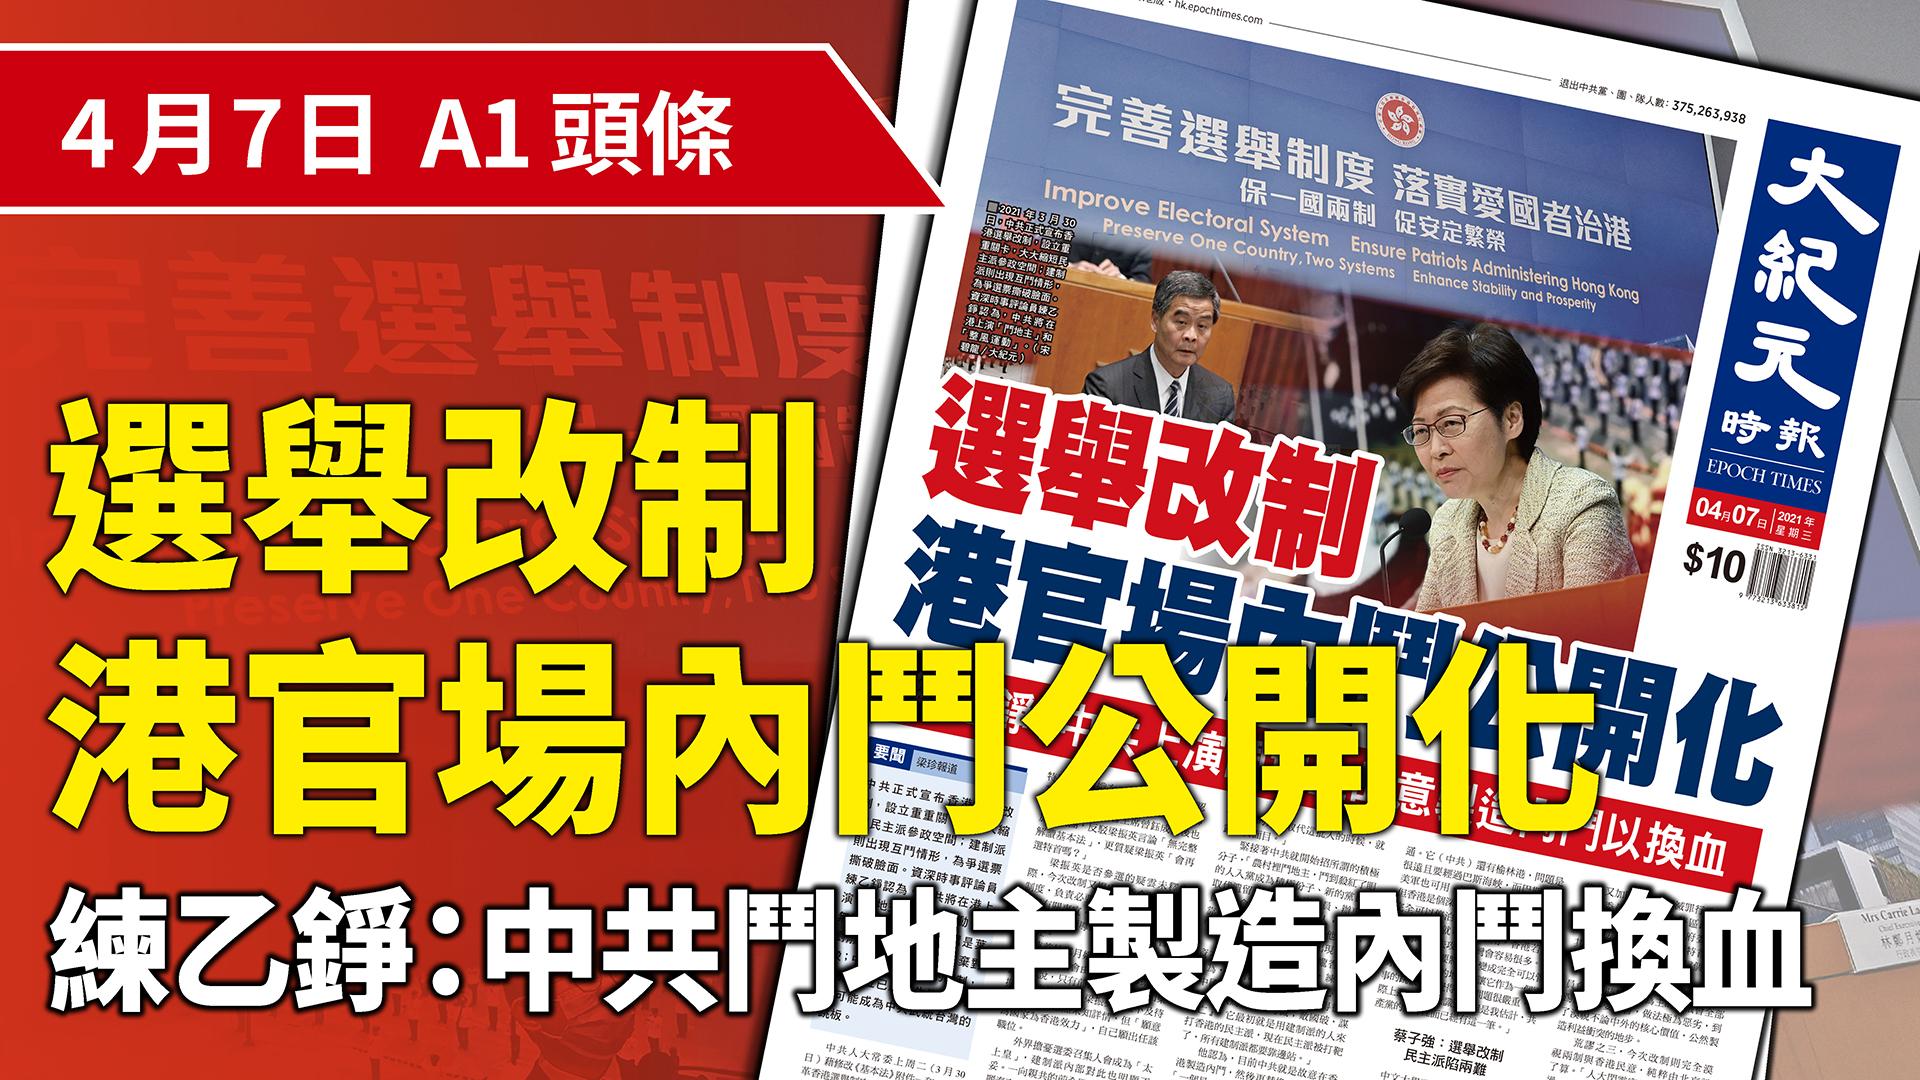 2021年3月30日,中共正式宣布香港選舉改制,設立重重關卡,大大縮減民主派參政空間;建制派則出現互鬥情形,為爭選票撕破臉面。資深時事評論員練乙錚認為,中共將在港上演「鬥地主」和「整風運動」。(大紀元製圖)